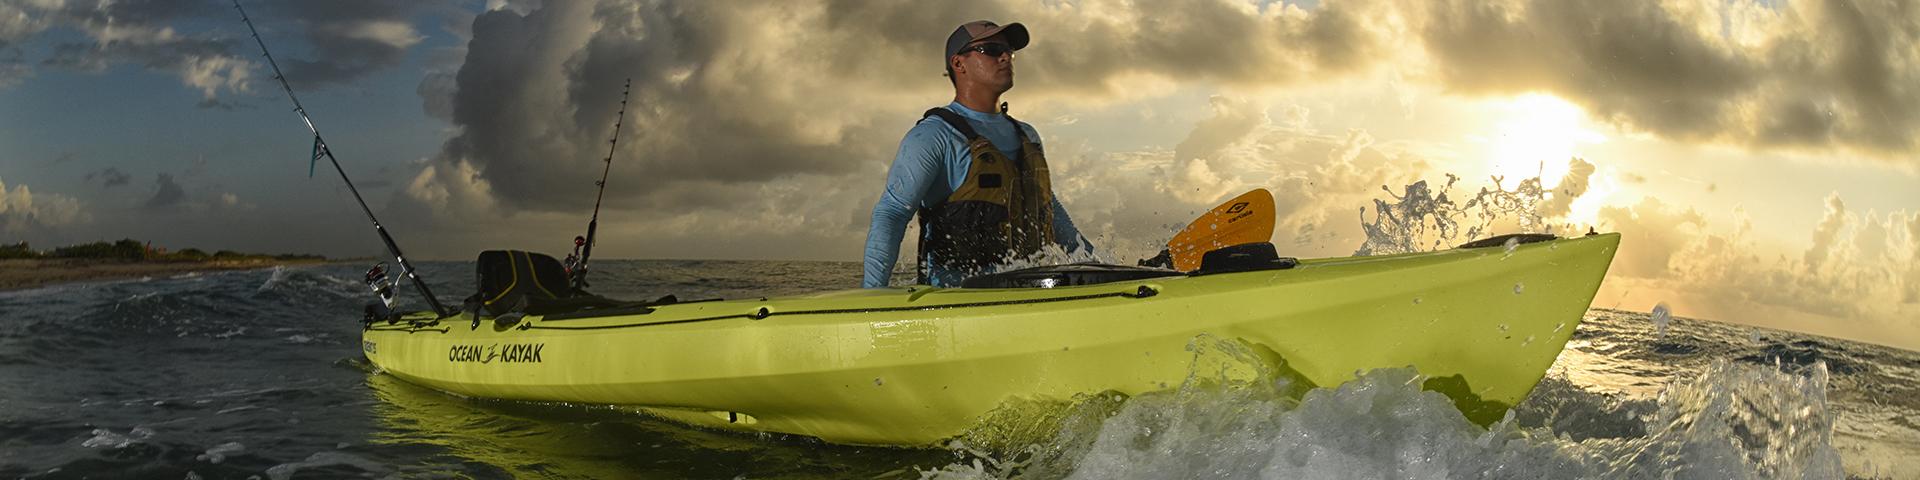 Kayaks: Trident 15 by Ocean Kayak - Image 4424